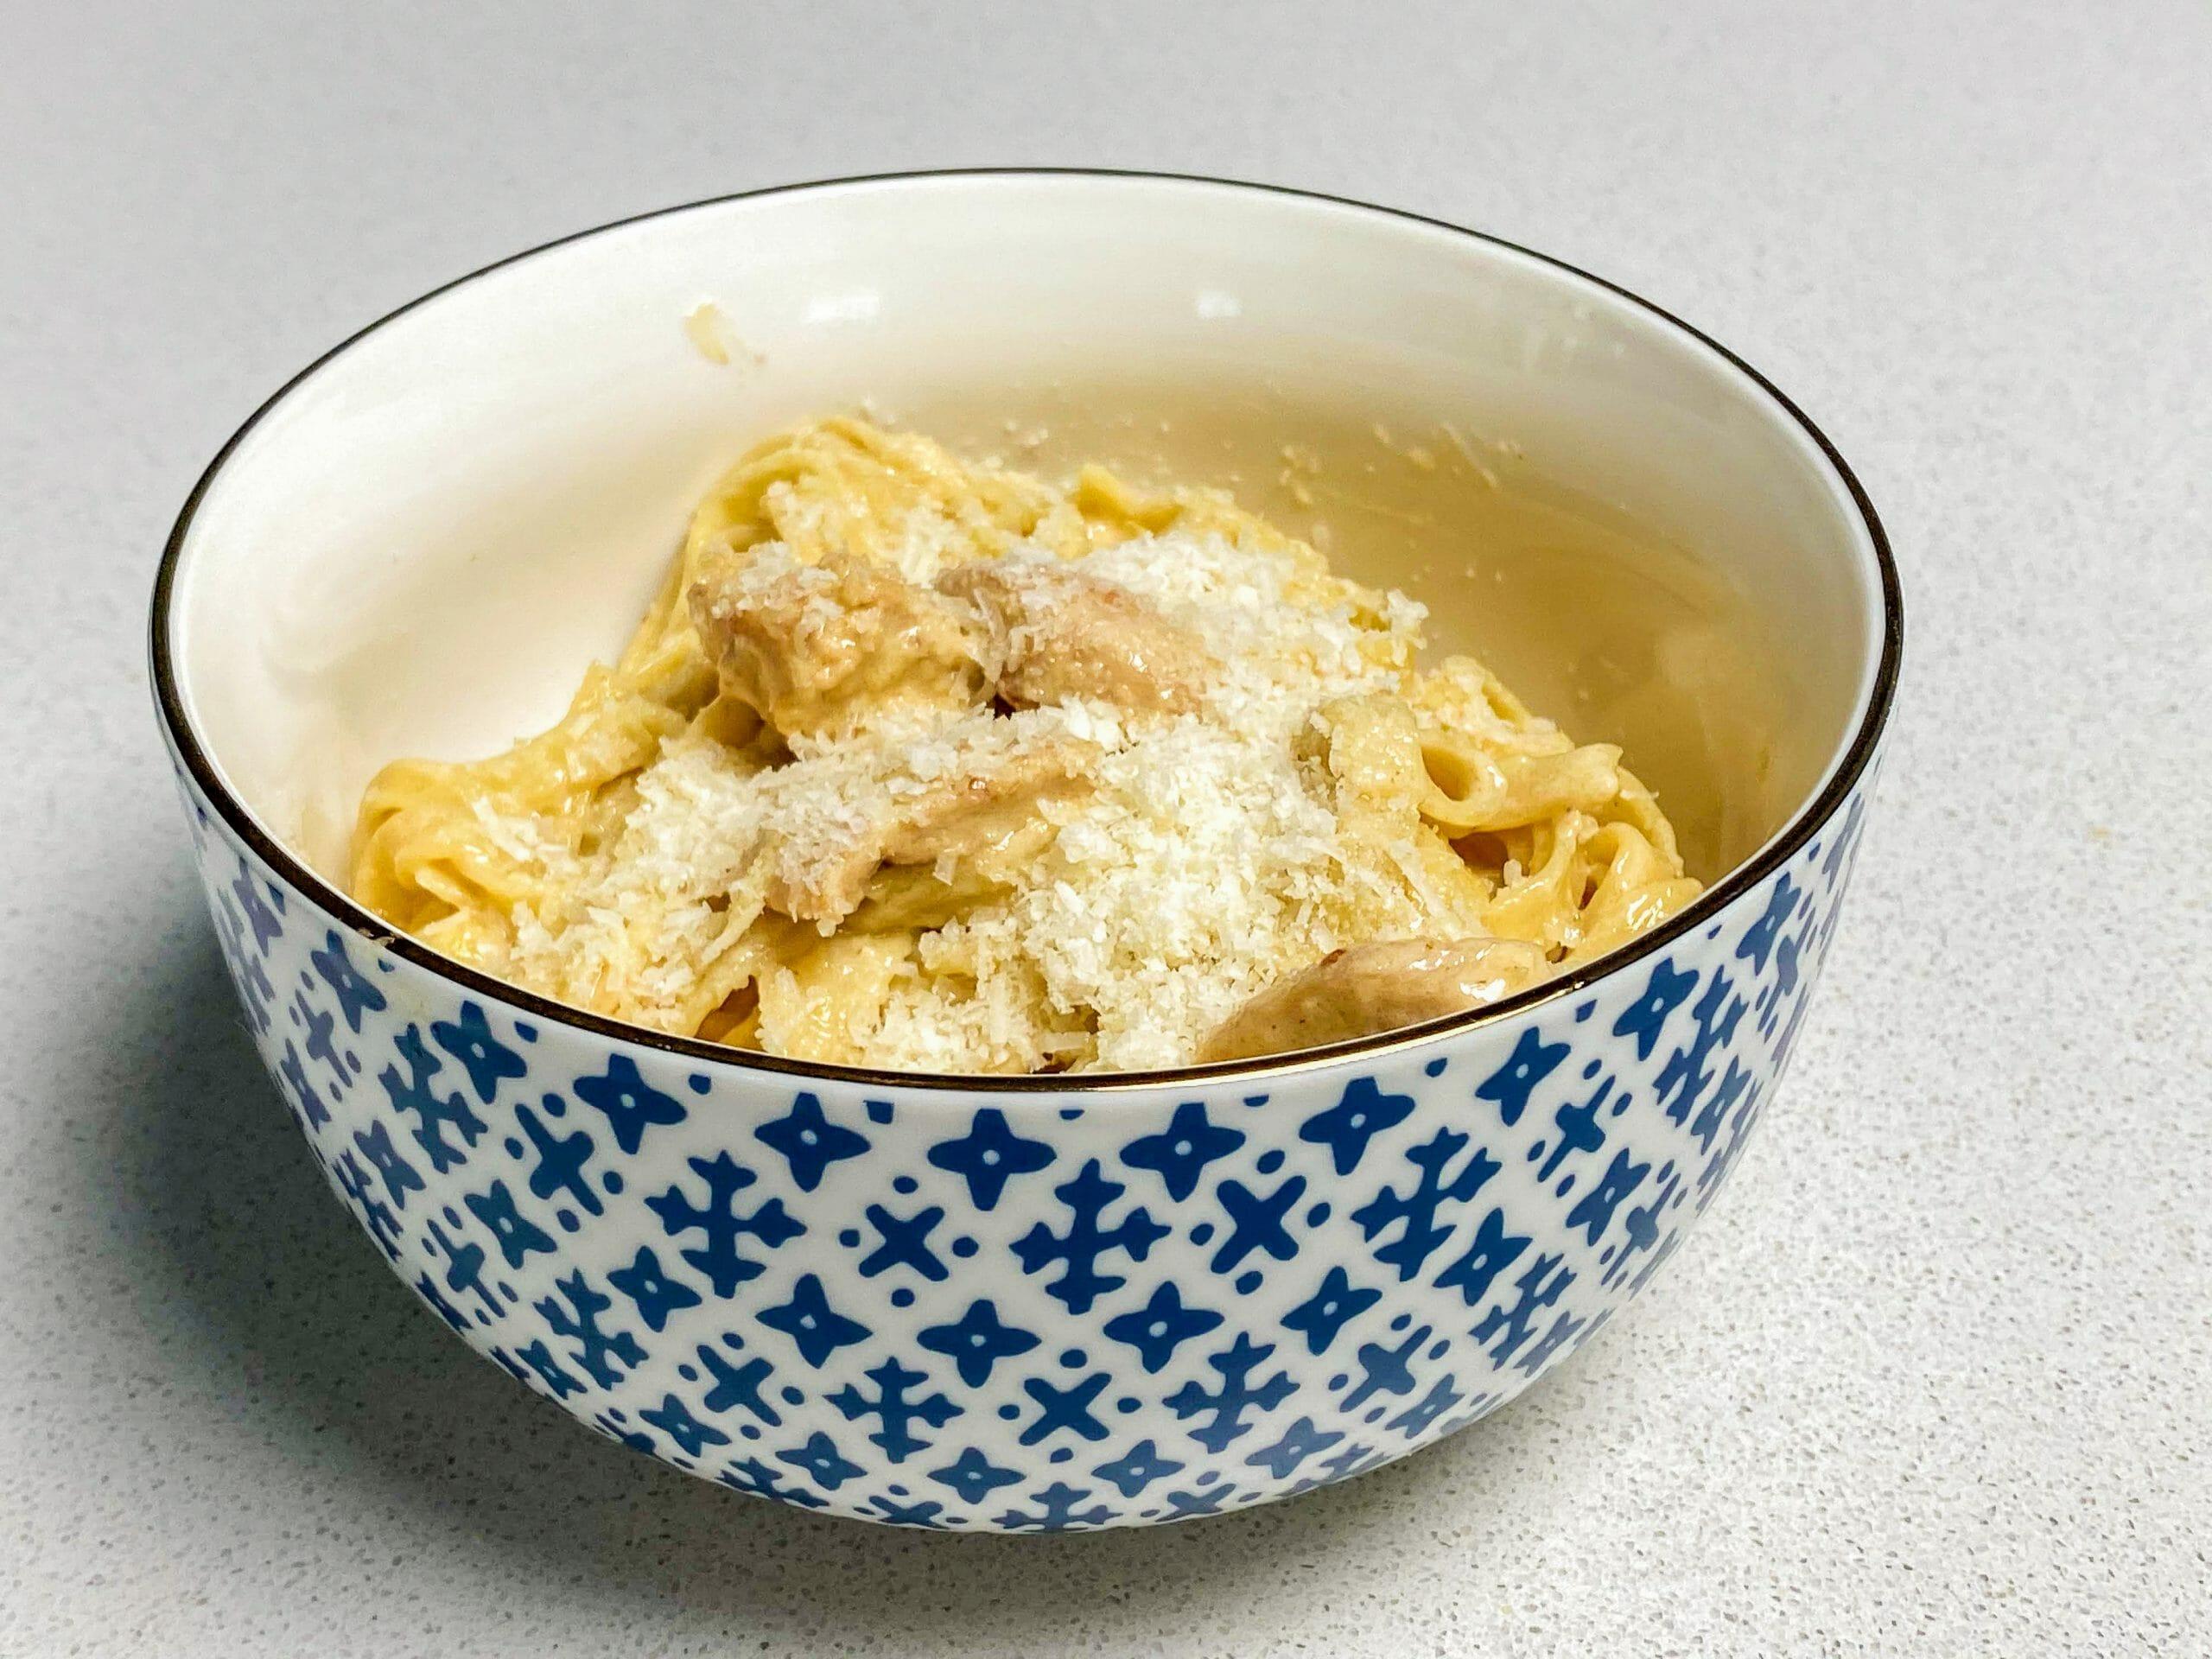 Foto do fettuccine chicken alfredo do Olive Garden pronto, com queijo ralado em cima, em uma tigela azul e branca